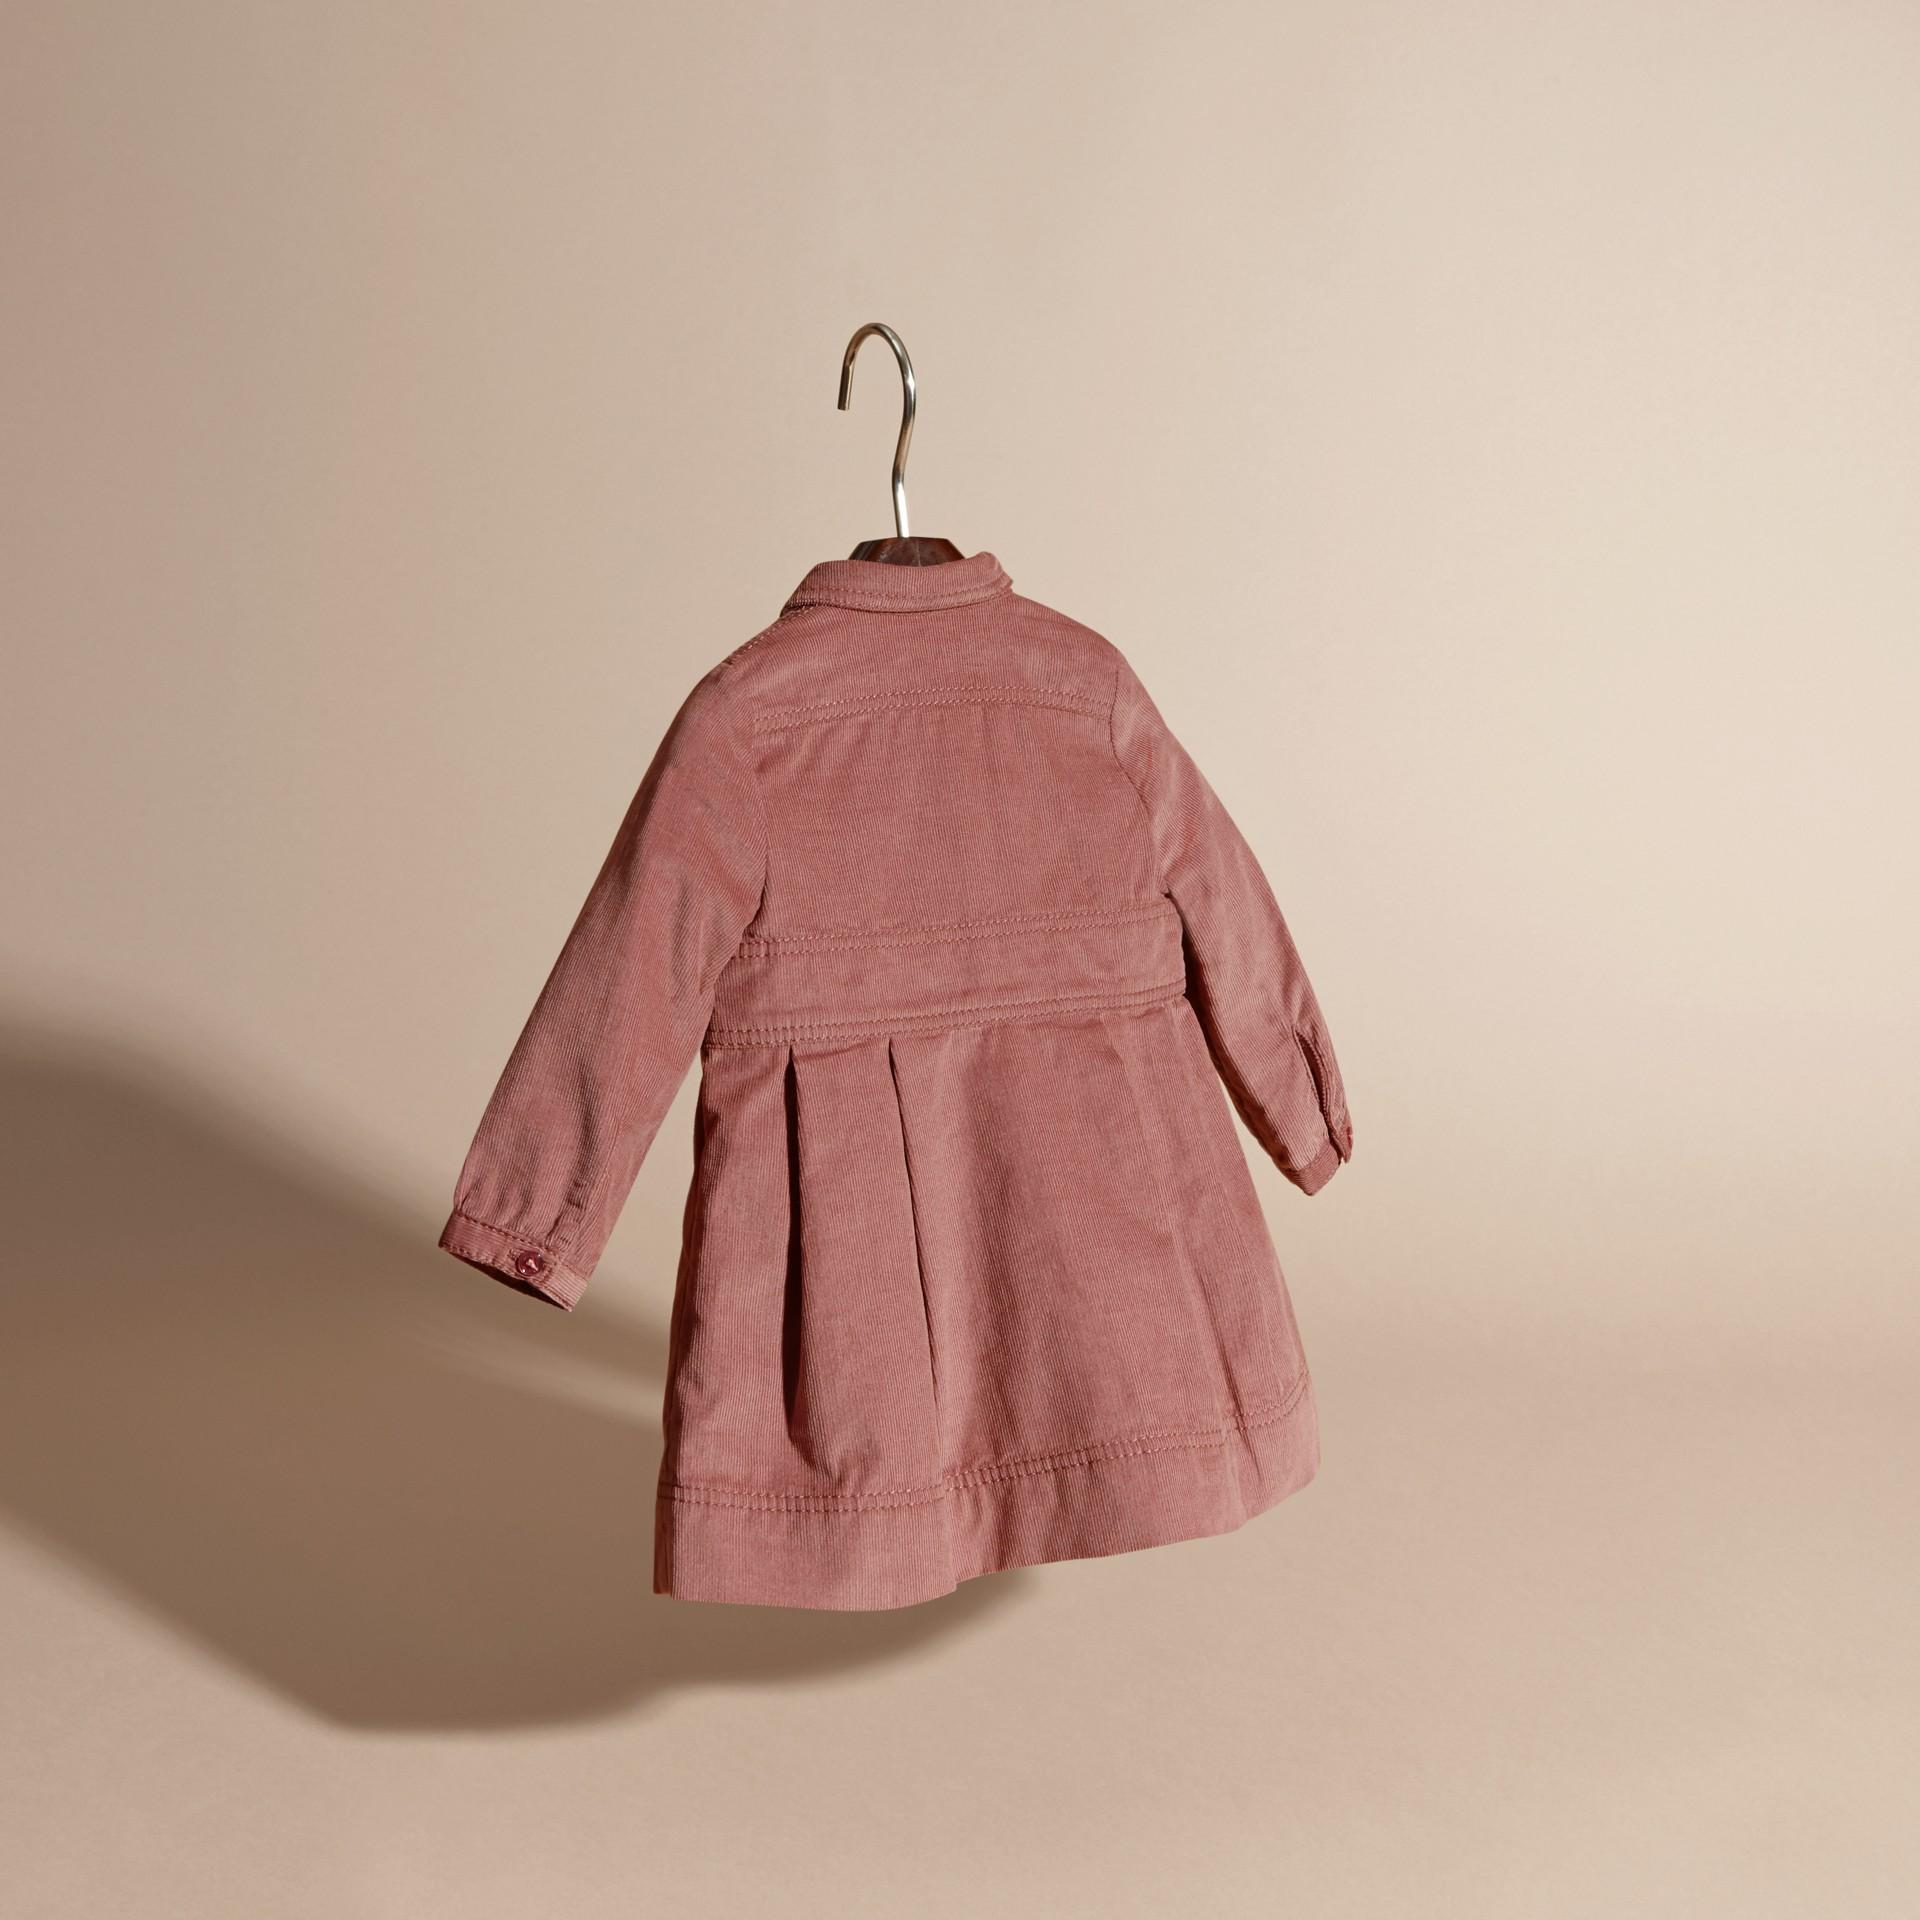 Rose cendré pâle Robe chemise en coton côtelé Rose Cendré Pâle - photo de la galerie 4